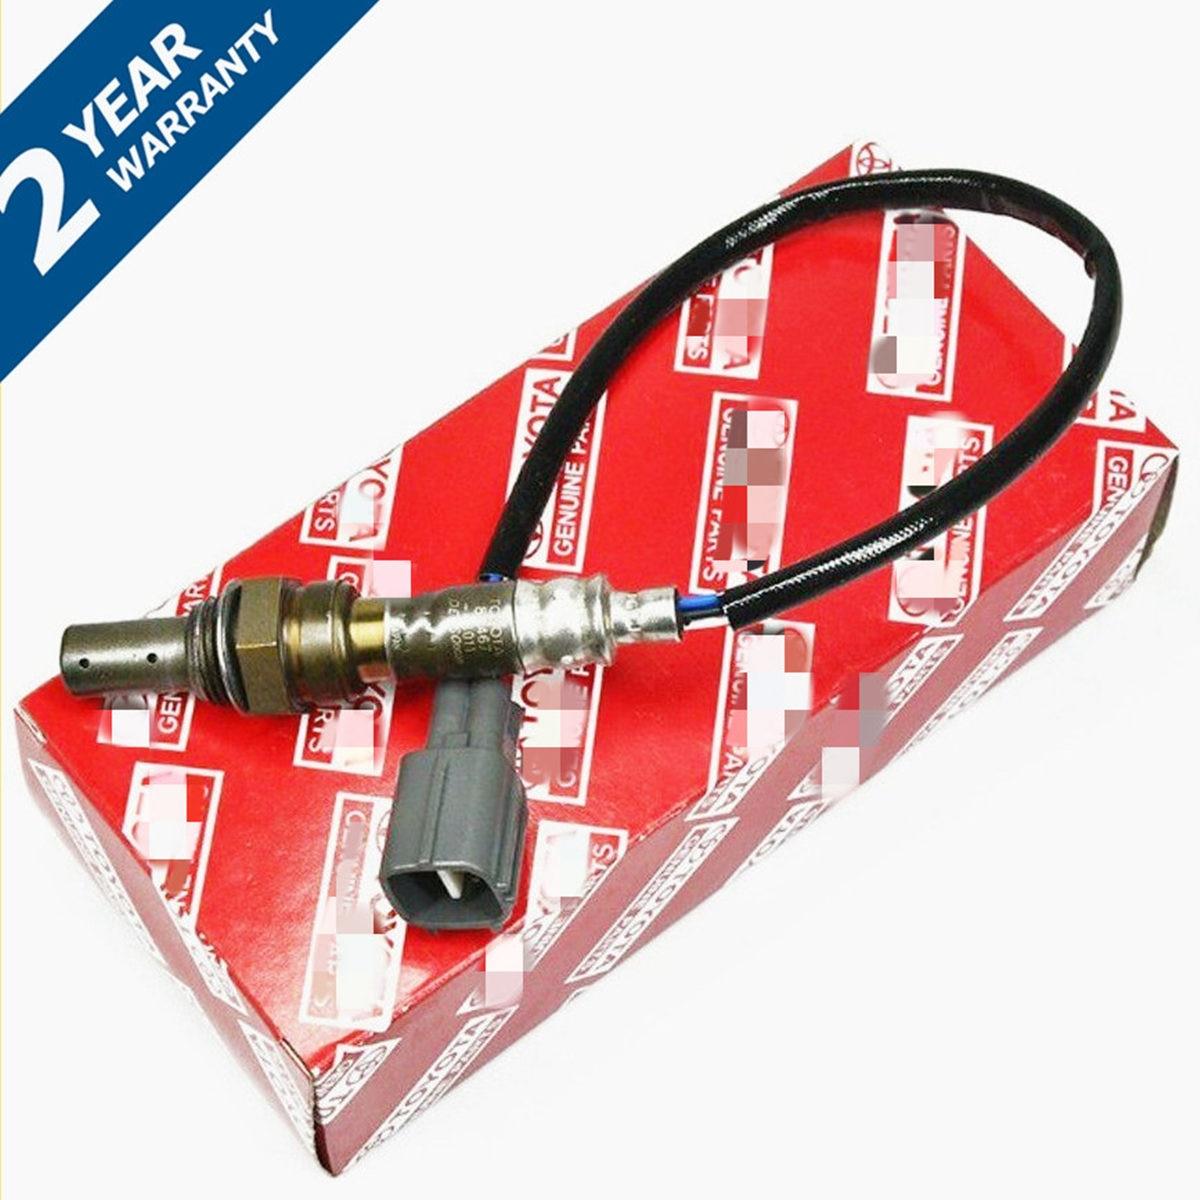 Air Fuel Rapporto O2 Sensore di Ossigeno SG848 89467-48011 234-9009 Per Toyota Lexu RX300 G1R